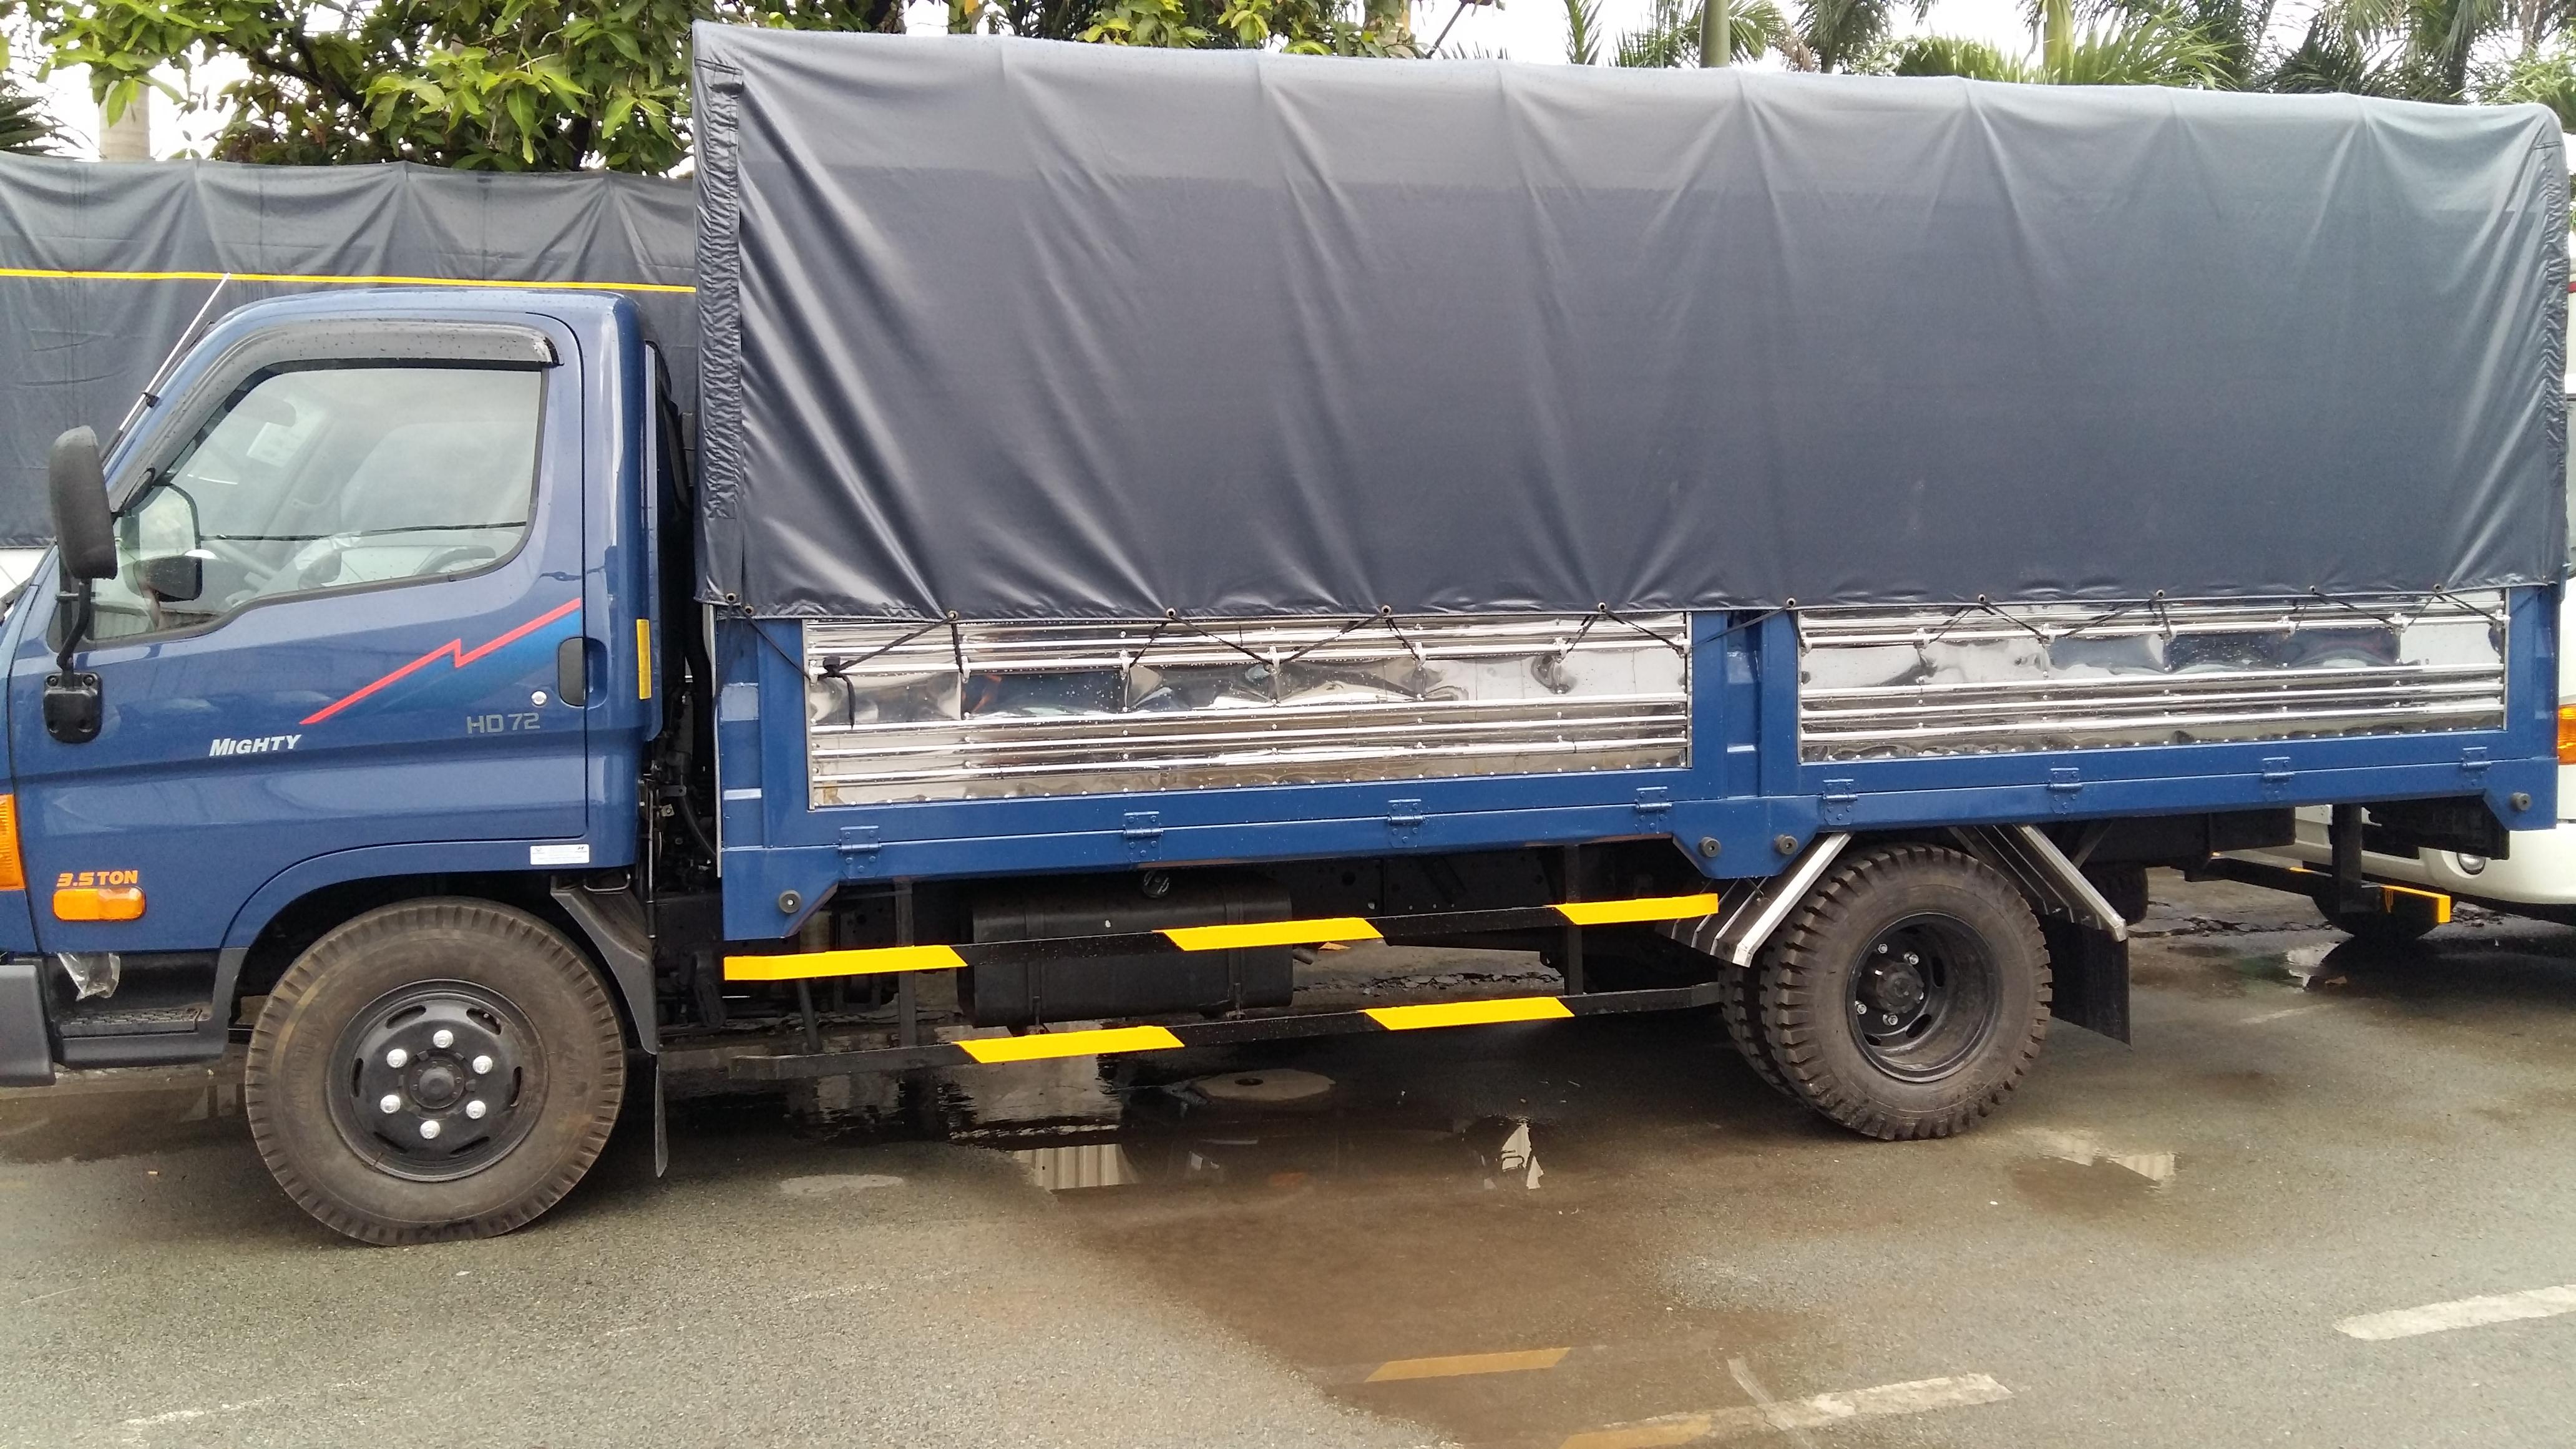 Xe tải Hyundai chính hãng 1 tấn -5 tấn lắp ráp và nhập khẩu,Hỗ trợ trả góp,lãi suất thấp